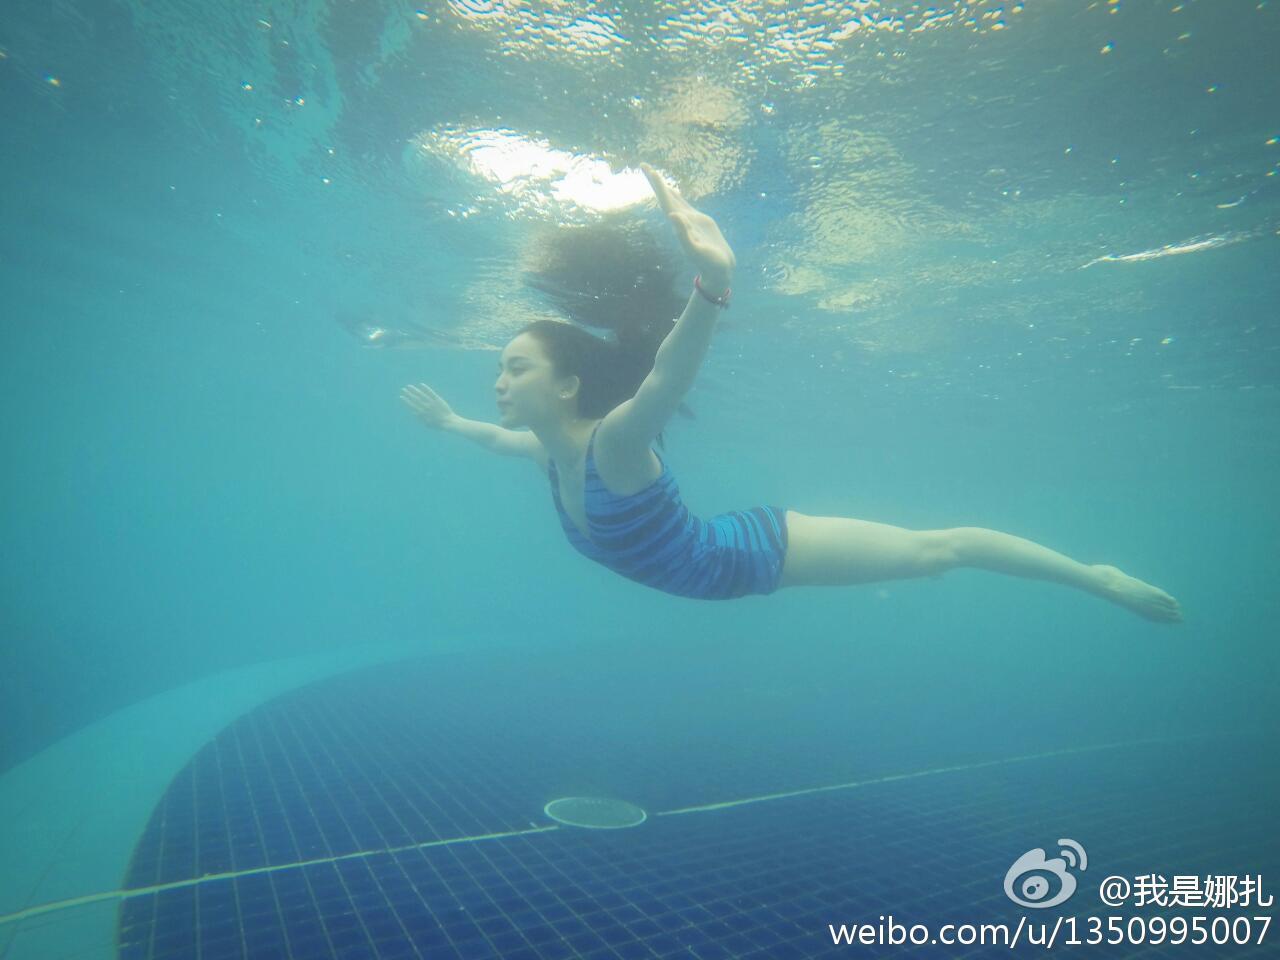 古力娜扎变美人鱼 水中展优美身段乳沟隐现